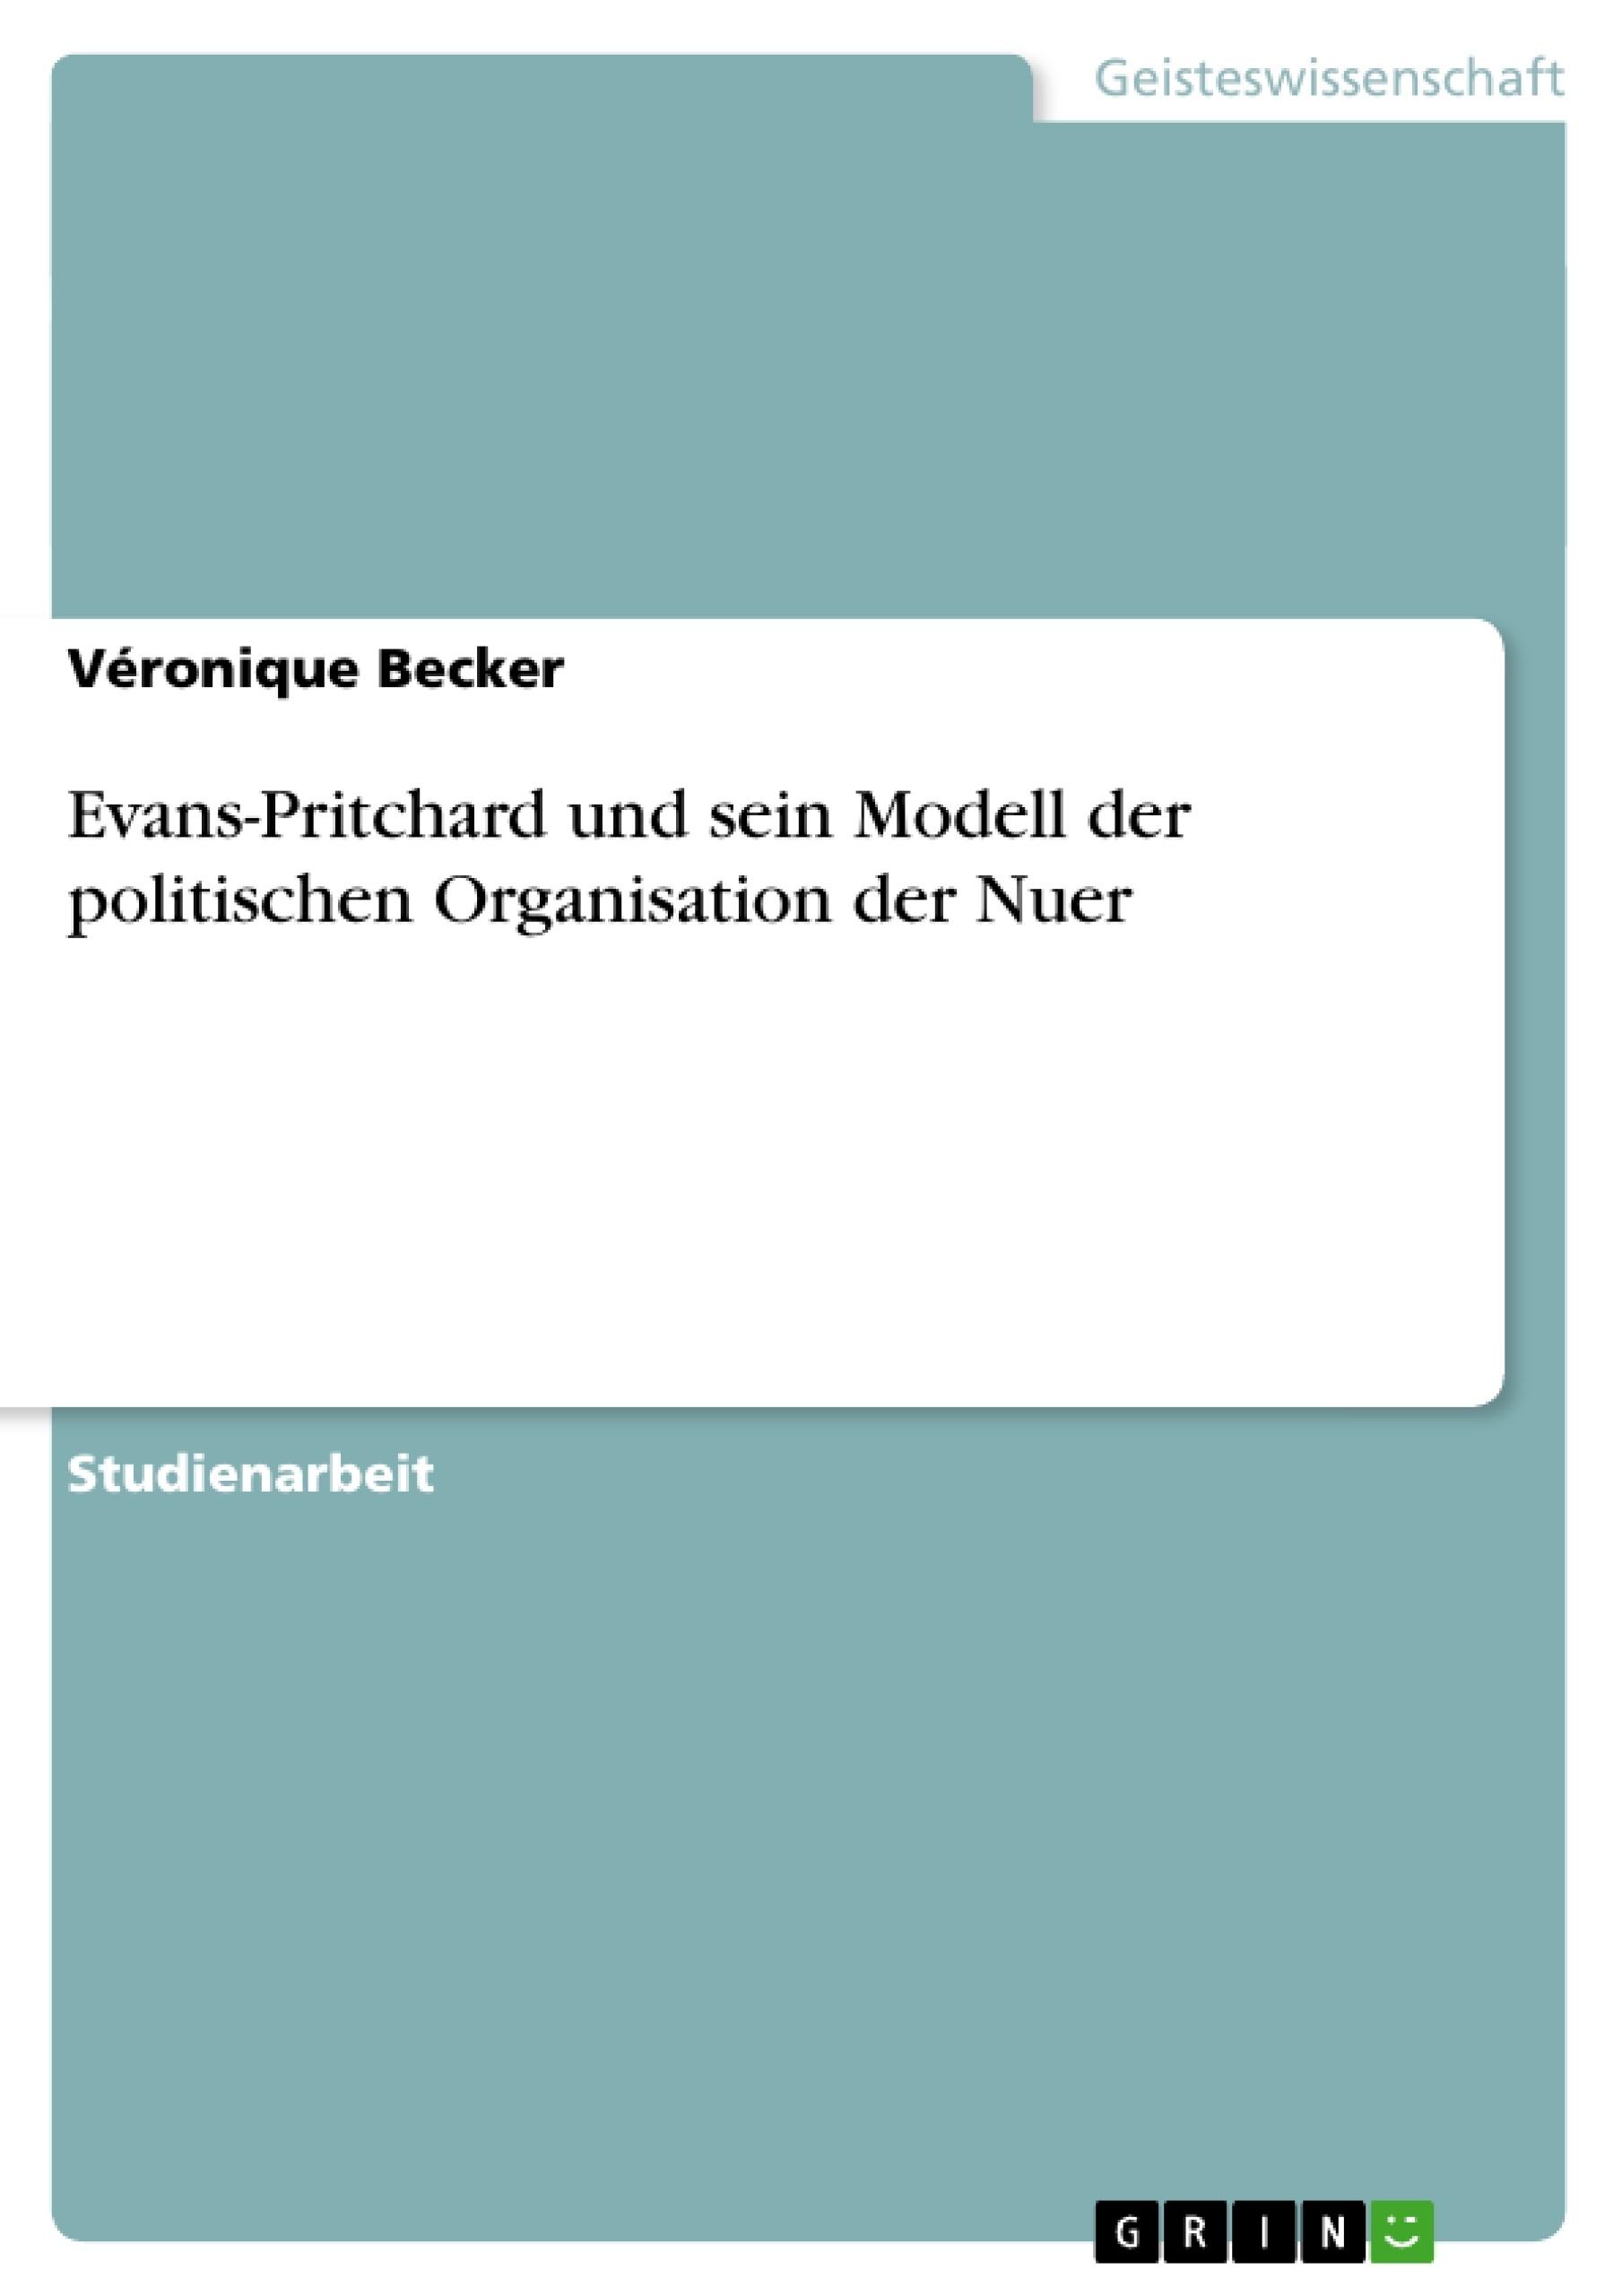 Titel: Evans-Pritchard und sein Modell der politischen Organisation der Nuer